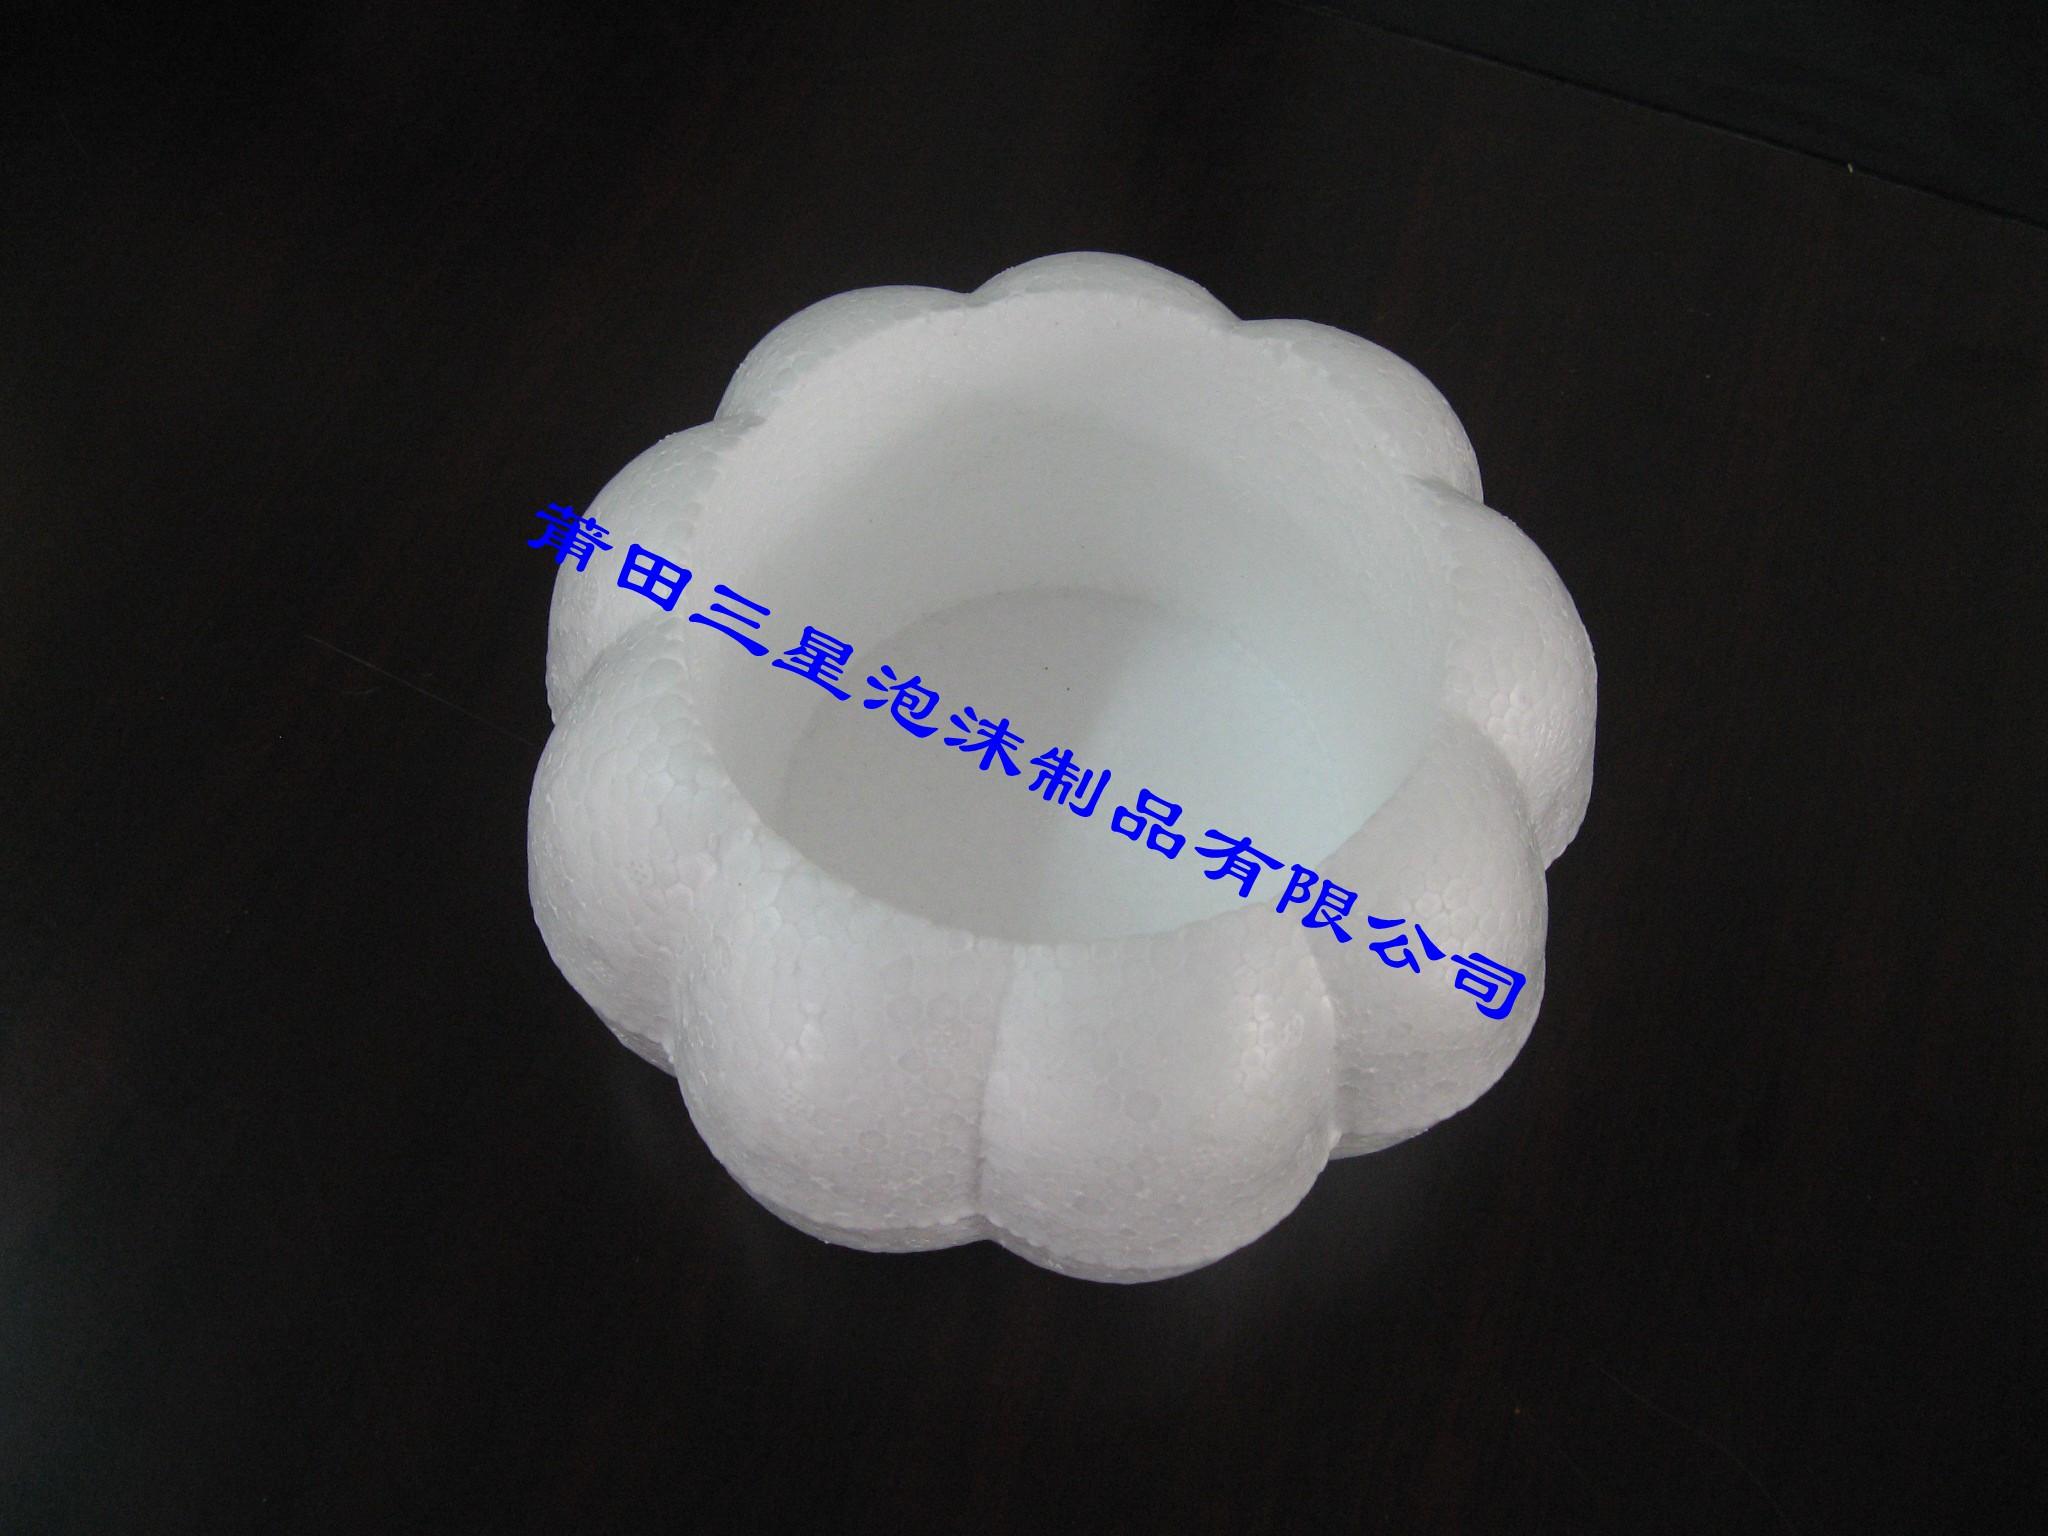 工艺品-泡沫空心